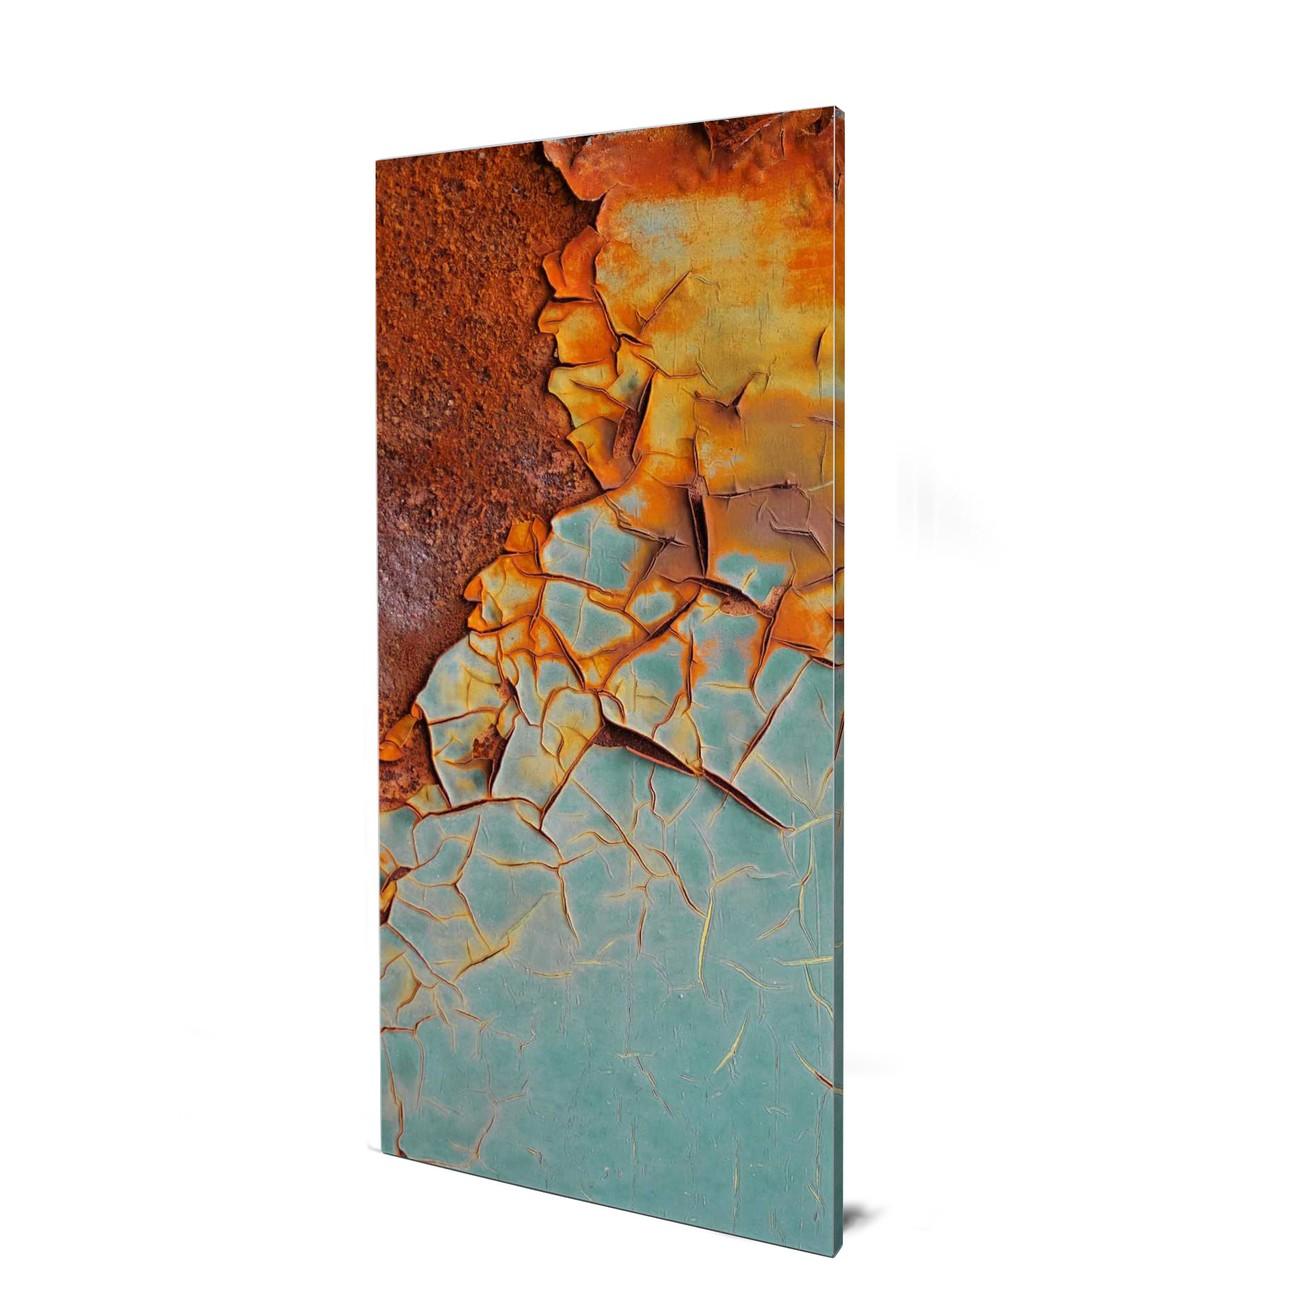 Full Size of Pinnwand Modern Banjado Magnetisch Silber Design Magnettafel M Motiv Deckenleuchte Schlafzimmer Wohnzimmer Bilder Moderne Landhausküche Küche Weiss Esstisch Wohnzimmer Pinnwand Modern